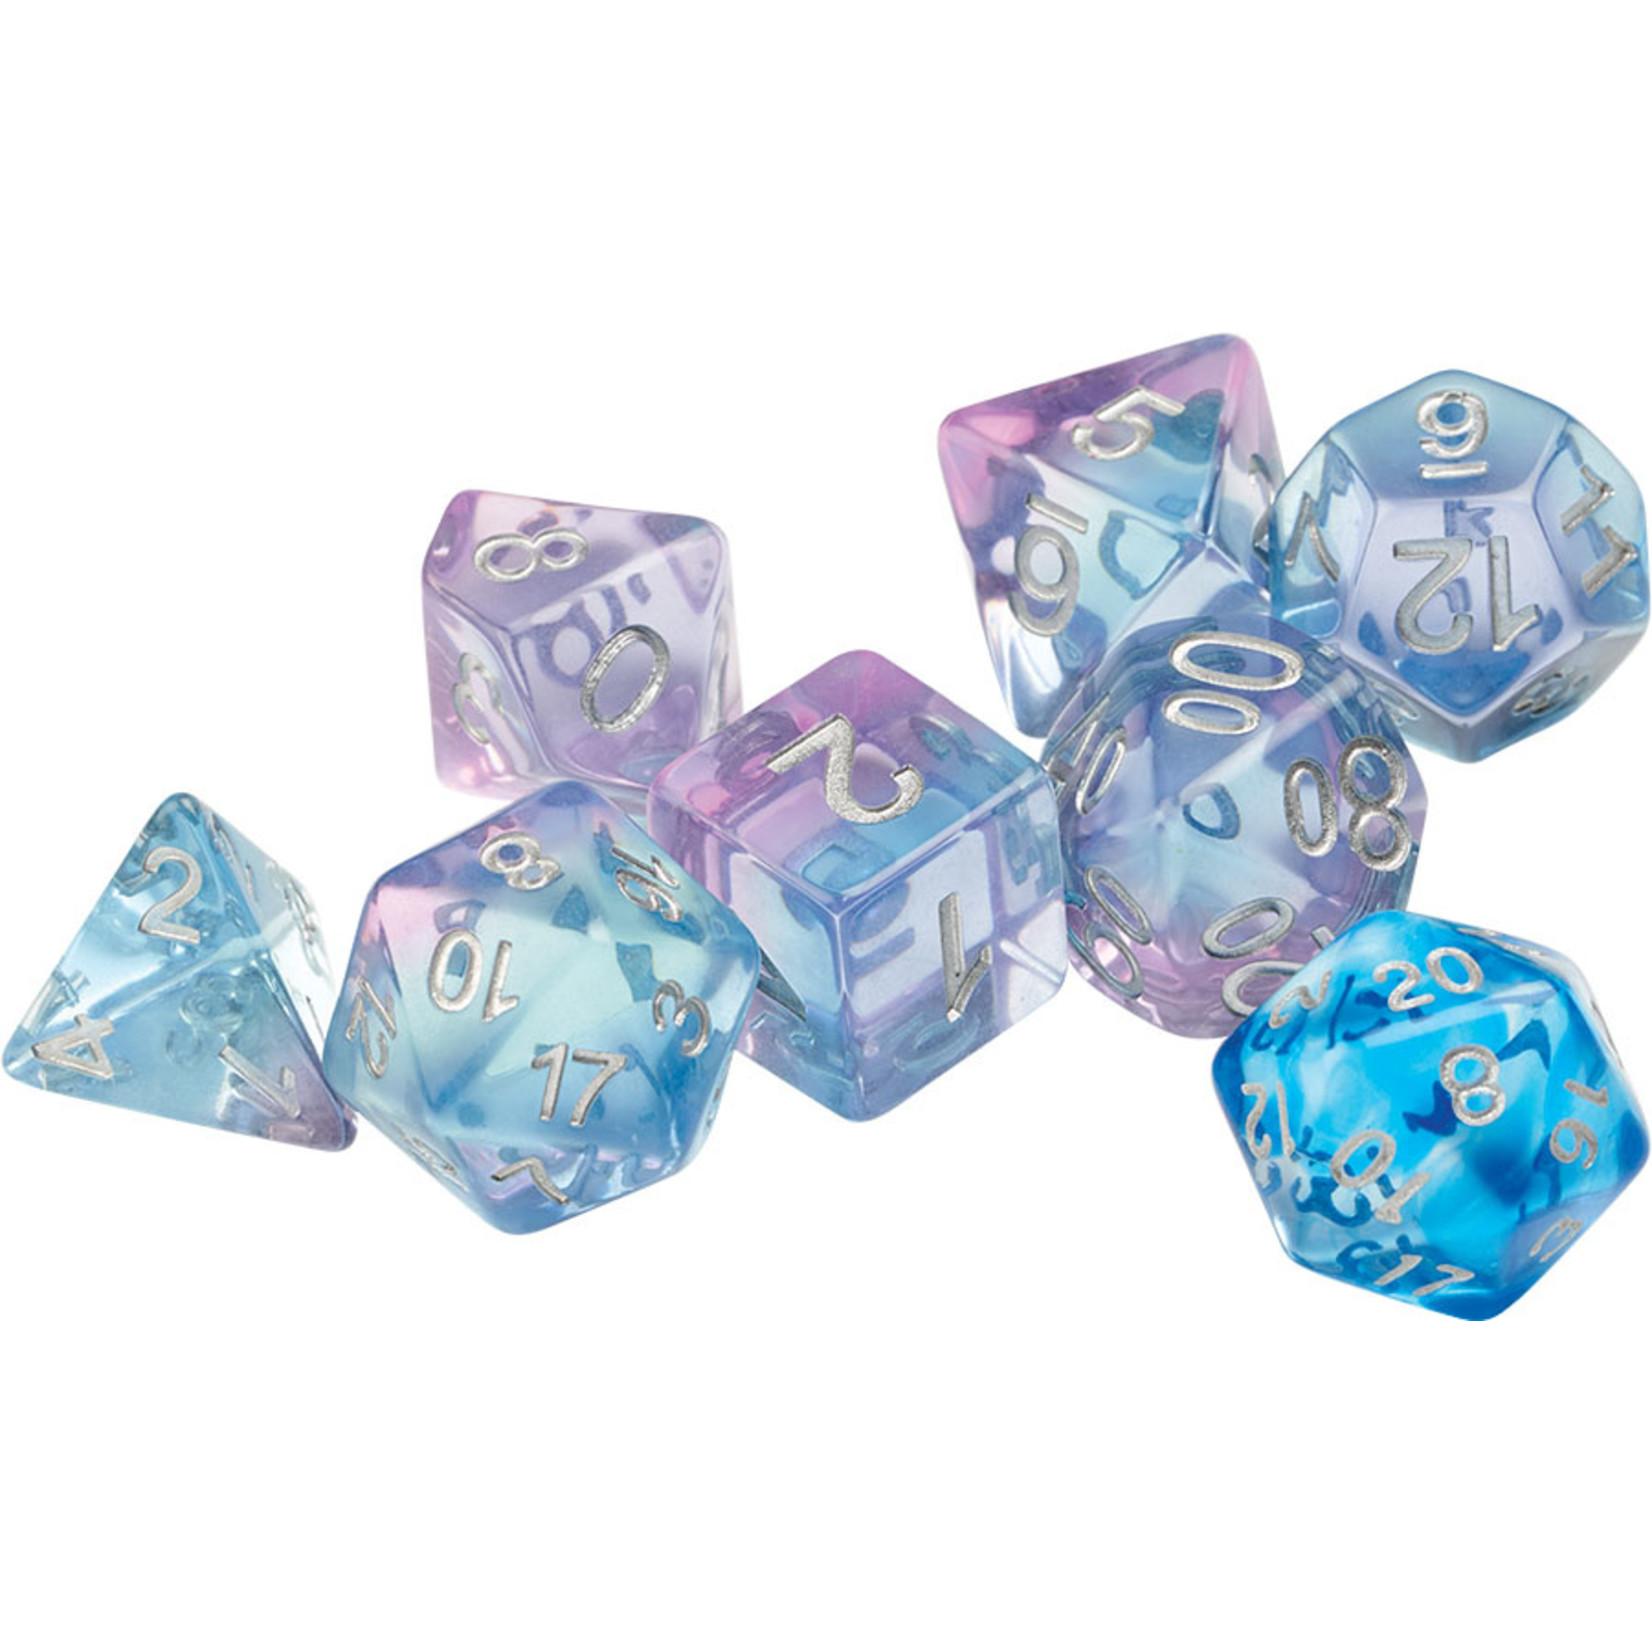 Sirius Dice RPG Dice Set (7): Polyroller